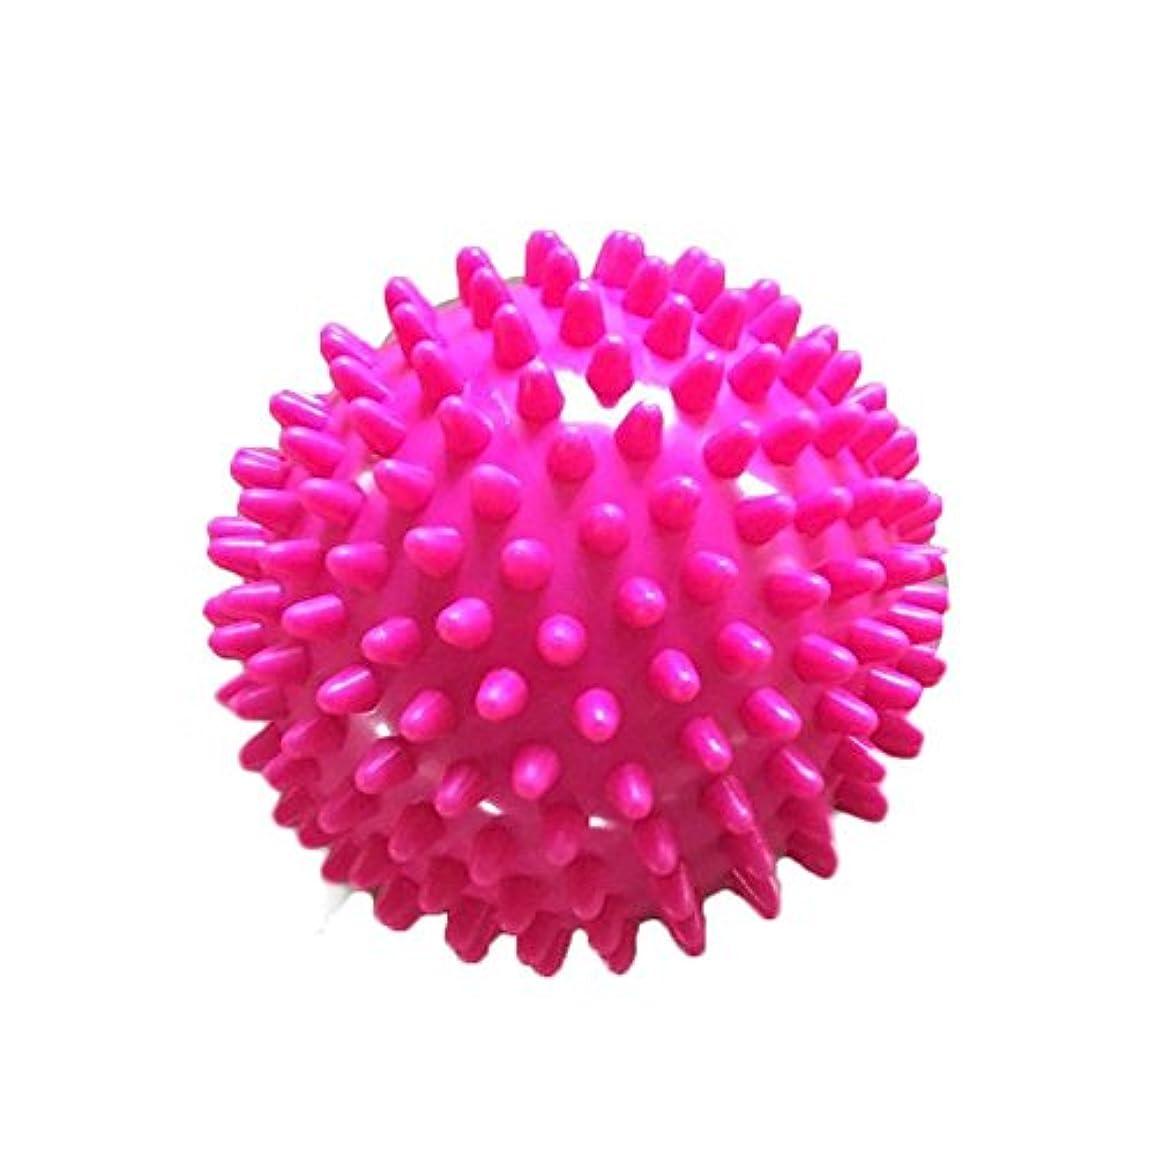 洗練された支配的エアコン7.5 CM ポリ塩化ビニールのローラー球の 脊髄 のマッサージは筋肉痛 のヨガの球を取り除きます